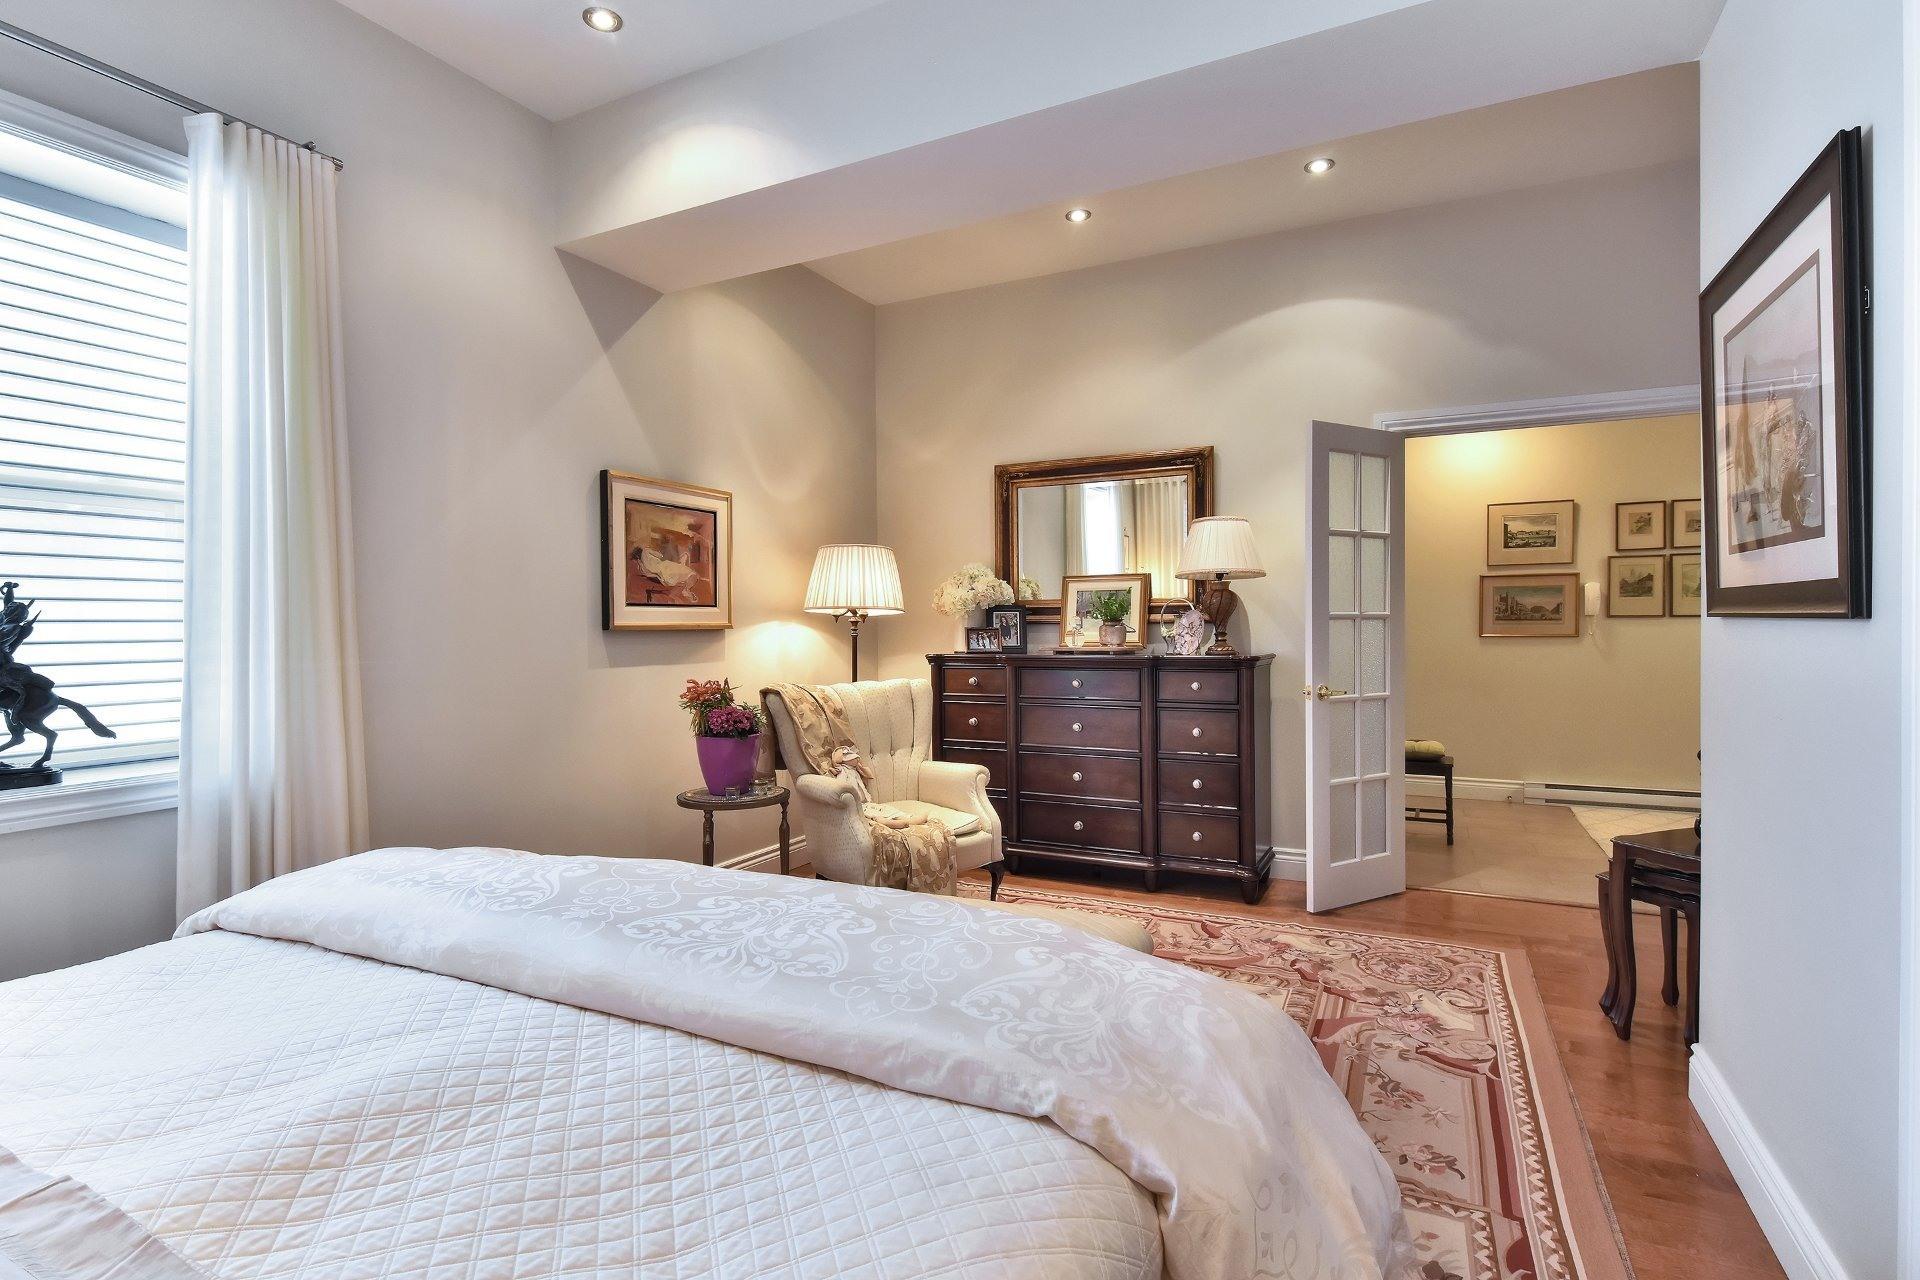 image 11 - Apartment For sale Côte-des-Neiges/Notre-Dame-de-Grâce Montréal  - 6 rooms